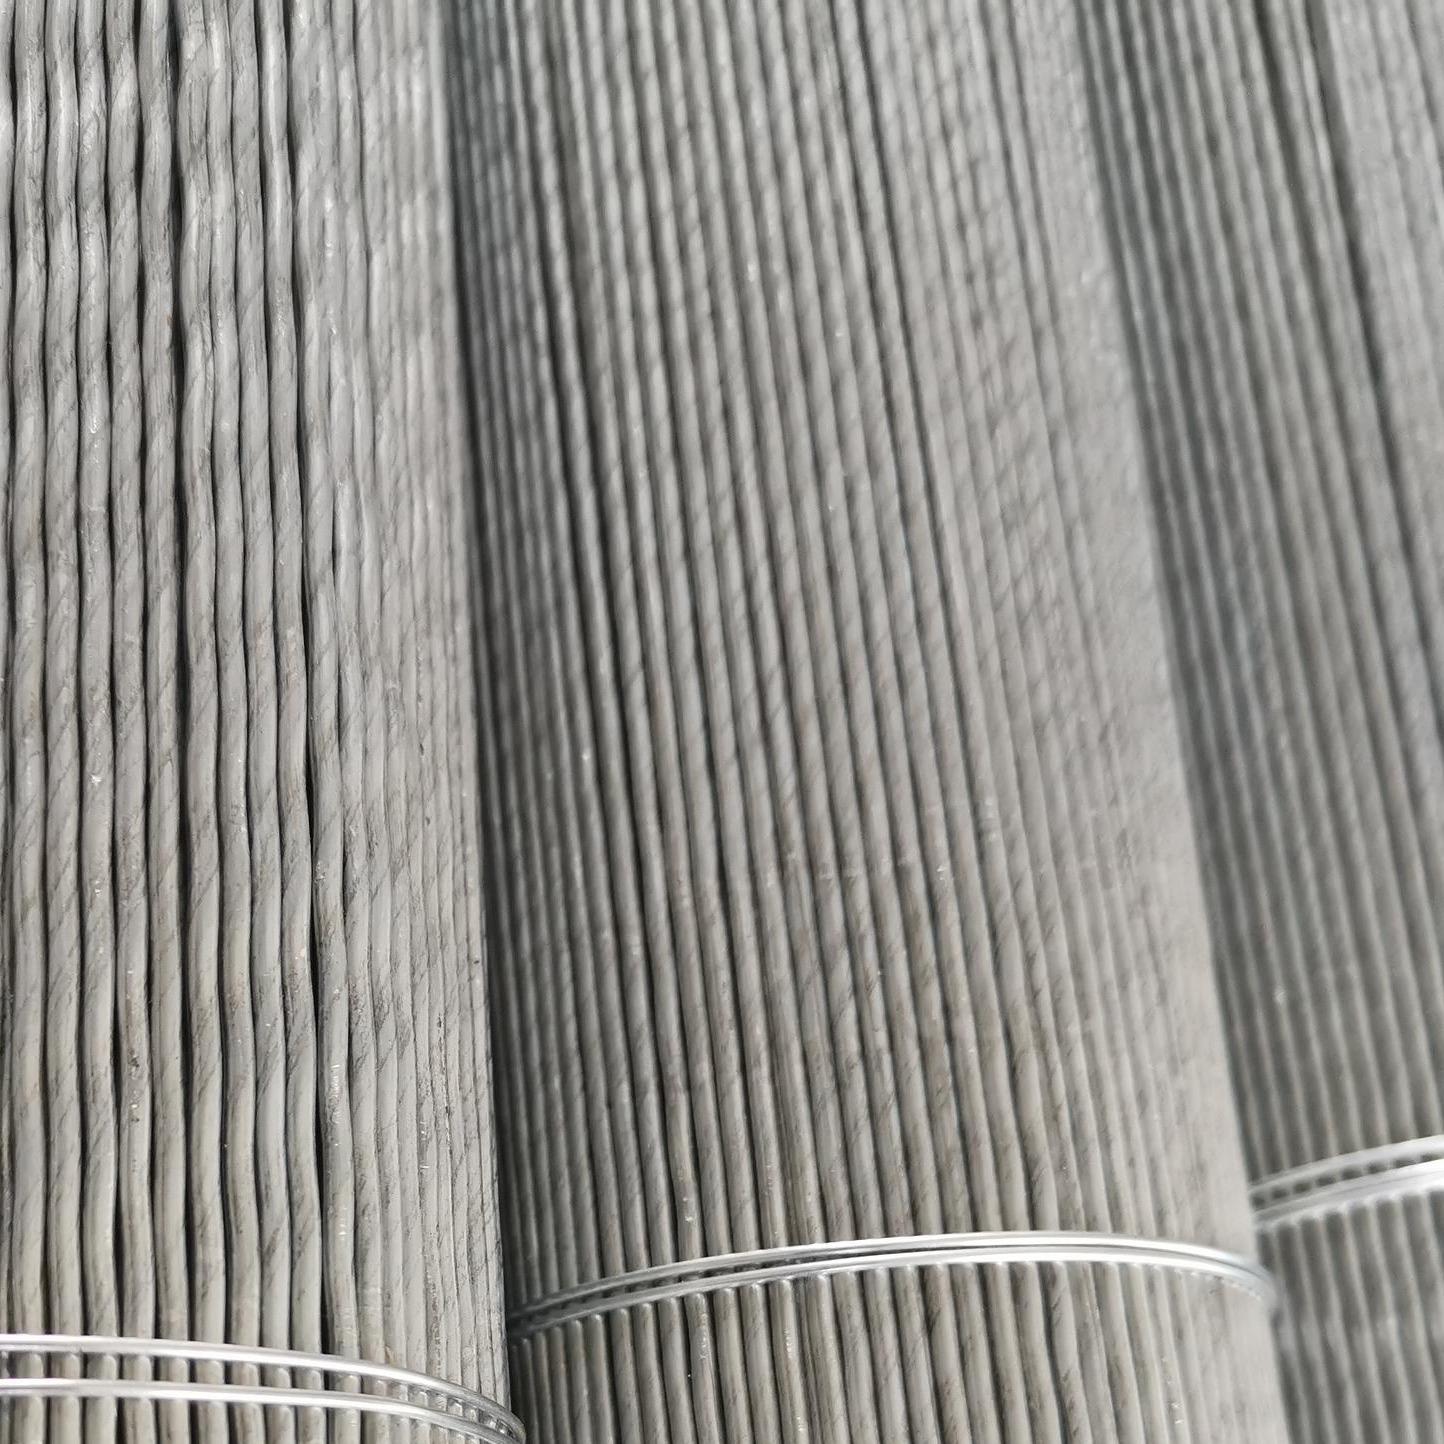 钢纤维地坪施工方案 钢纤维喷射混凝土修补 钢纤维砼铁边井箅 钢纤维盖板定额套 钢纤维双背雨水井